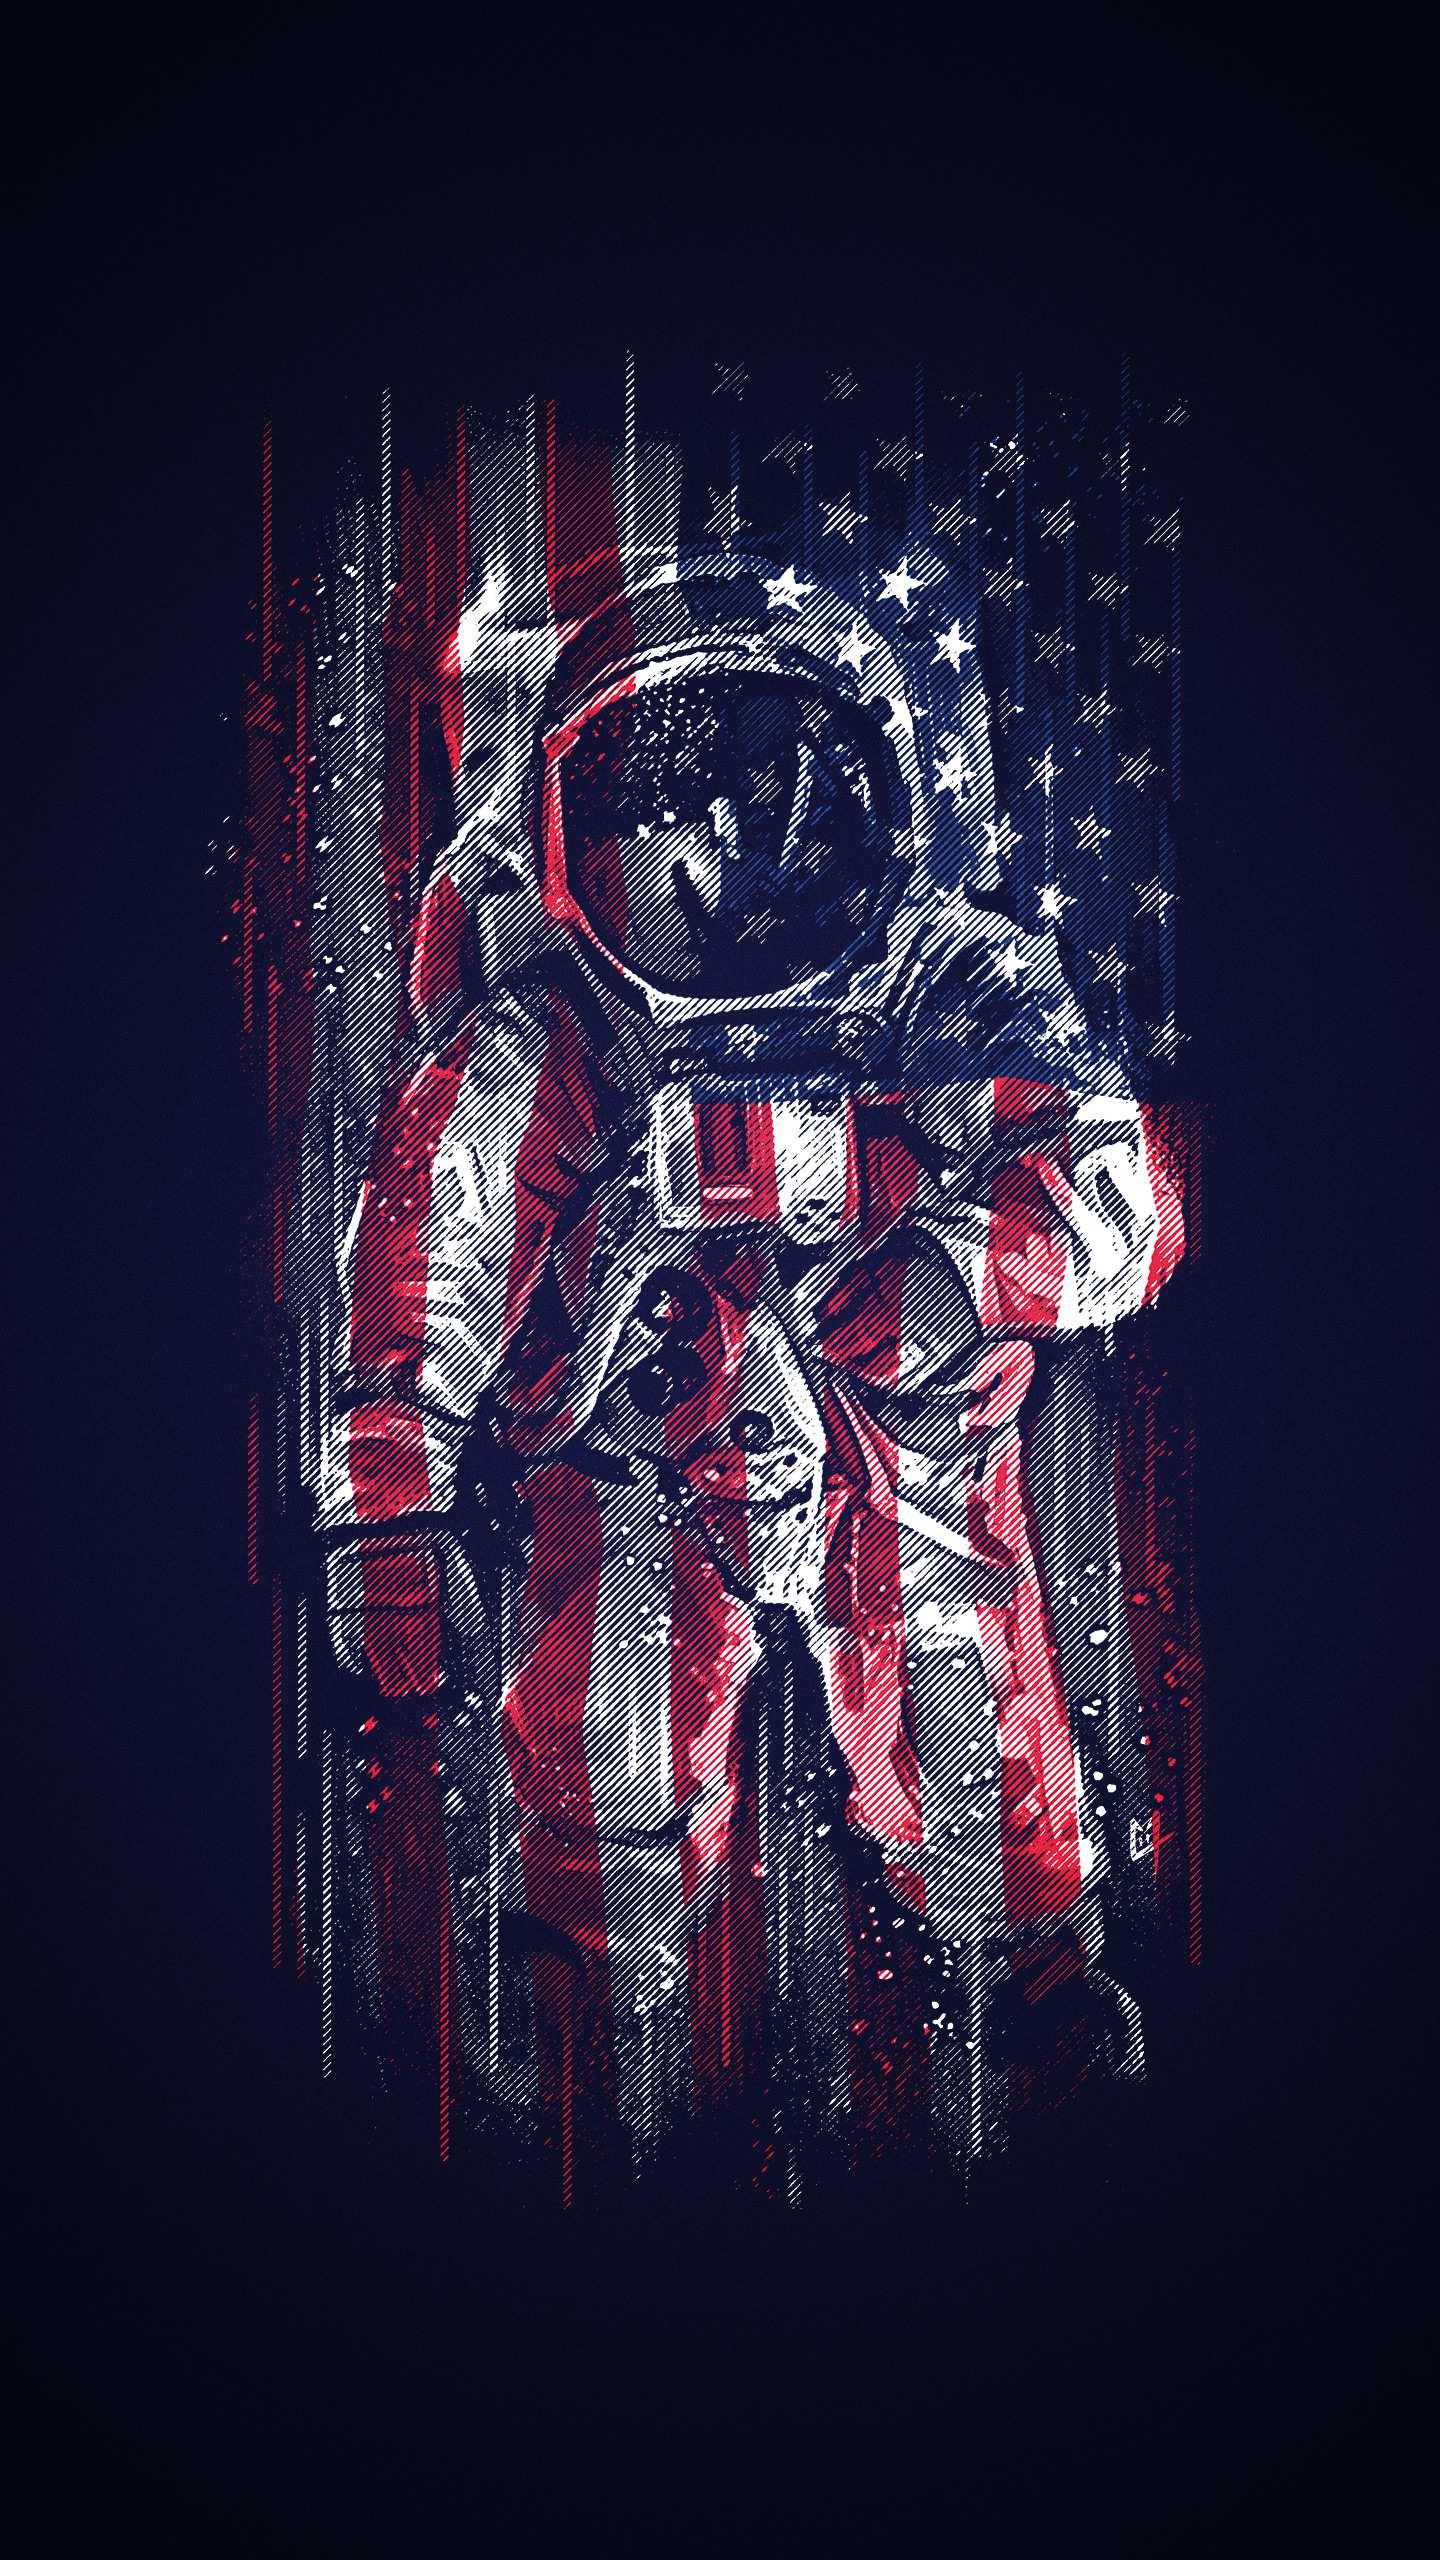 Wallpaper Iphone Hd Keren American Astronaut Flag Iphone Wallpaper Iphone Wallpapers